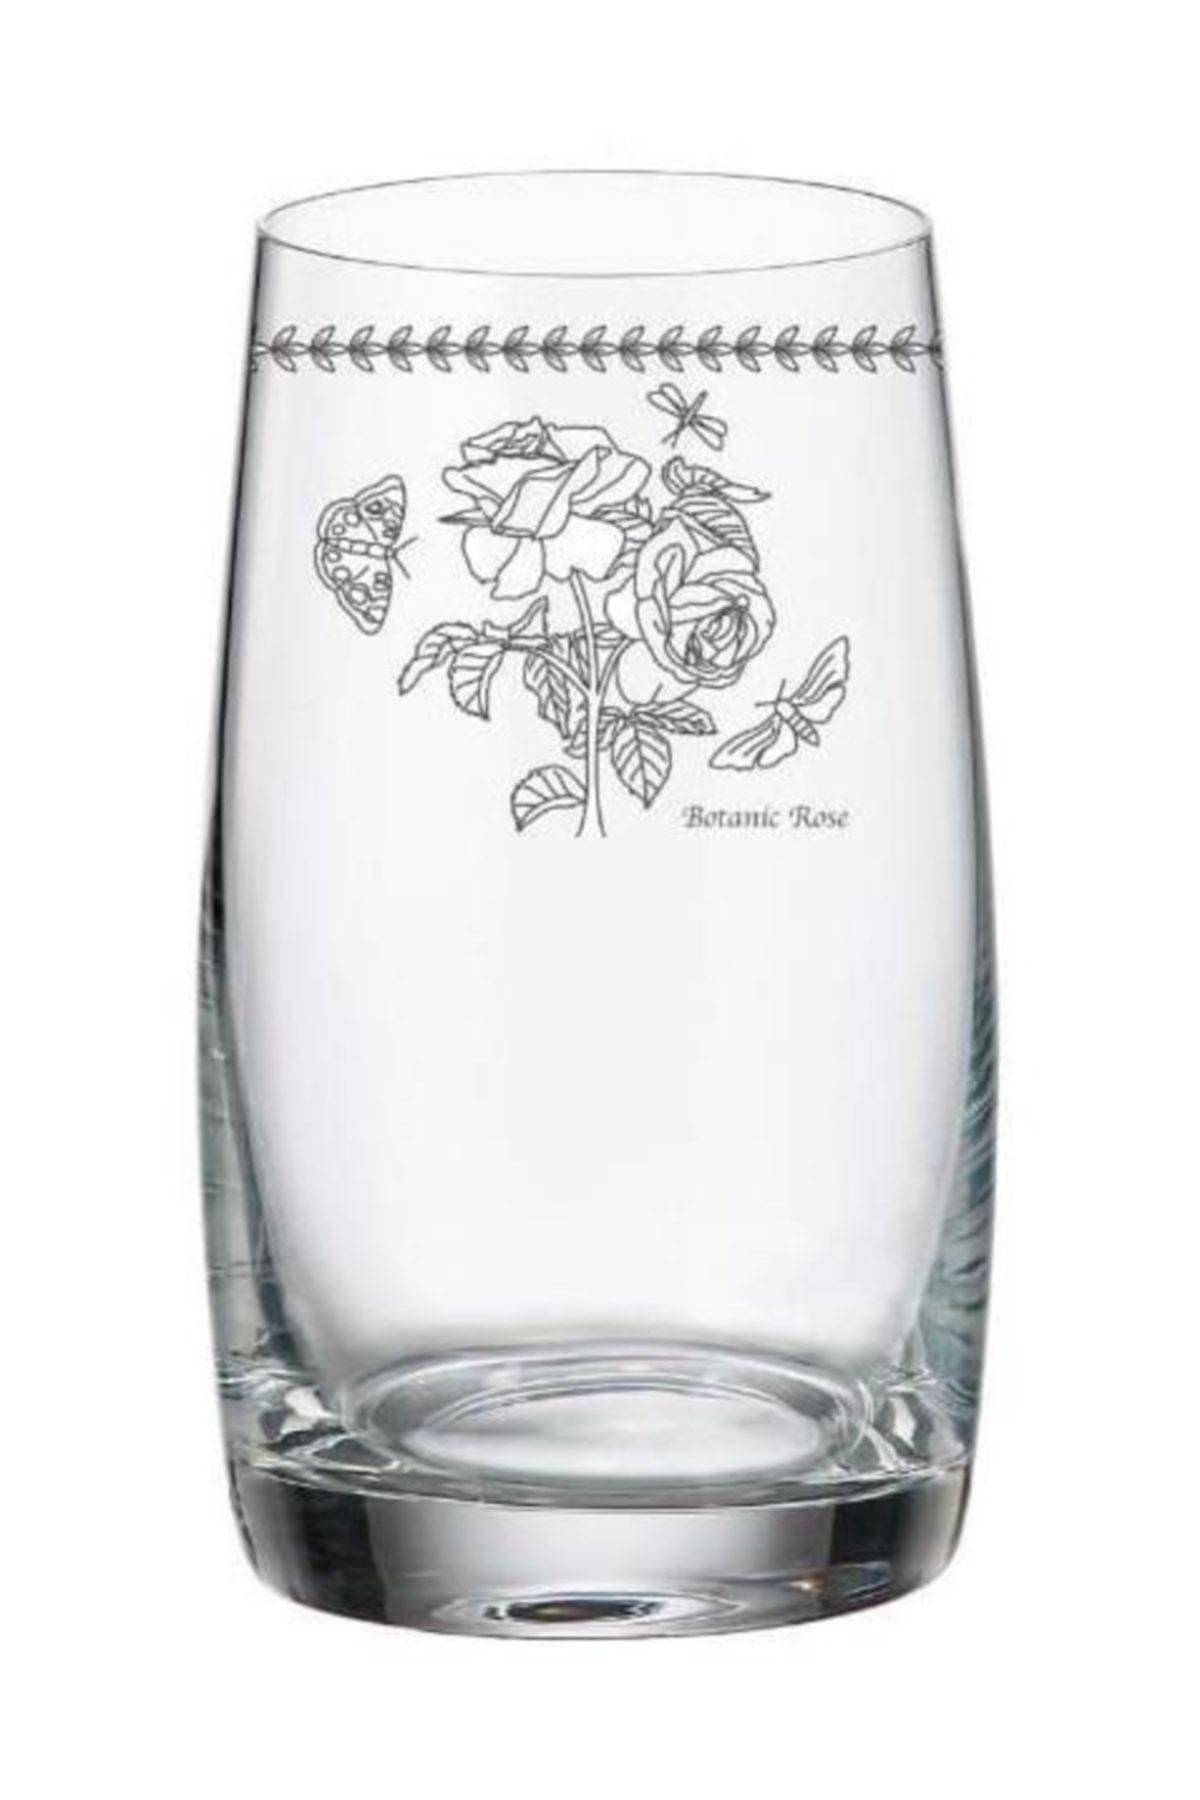 çerçi Bohemia Çiçek Desen 6 Lı Su Bardak Bhm03-Ç 1